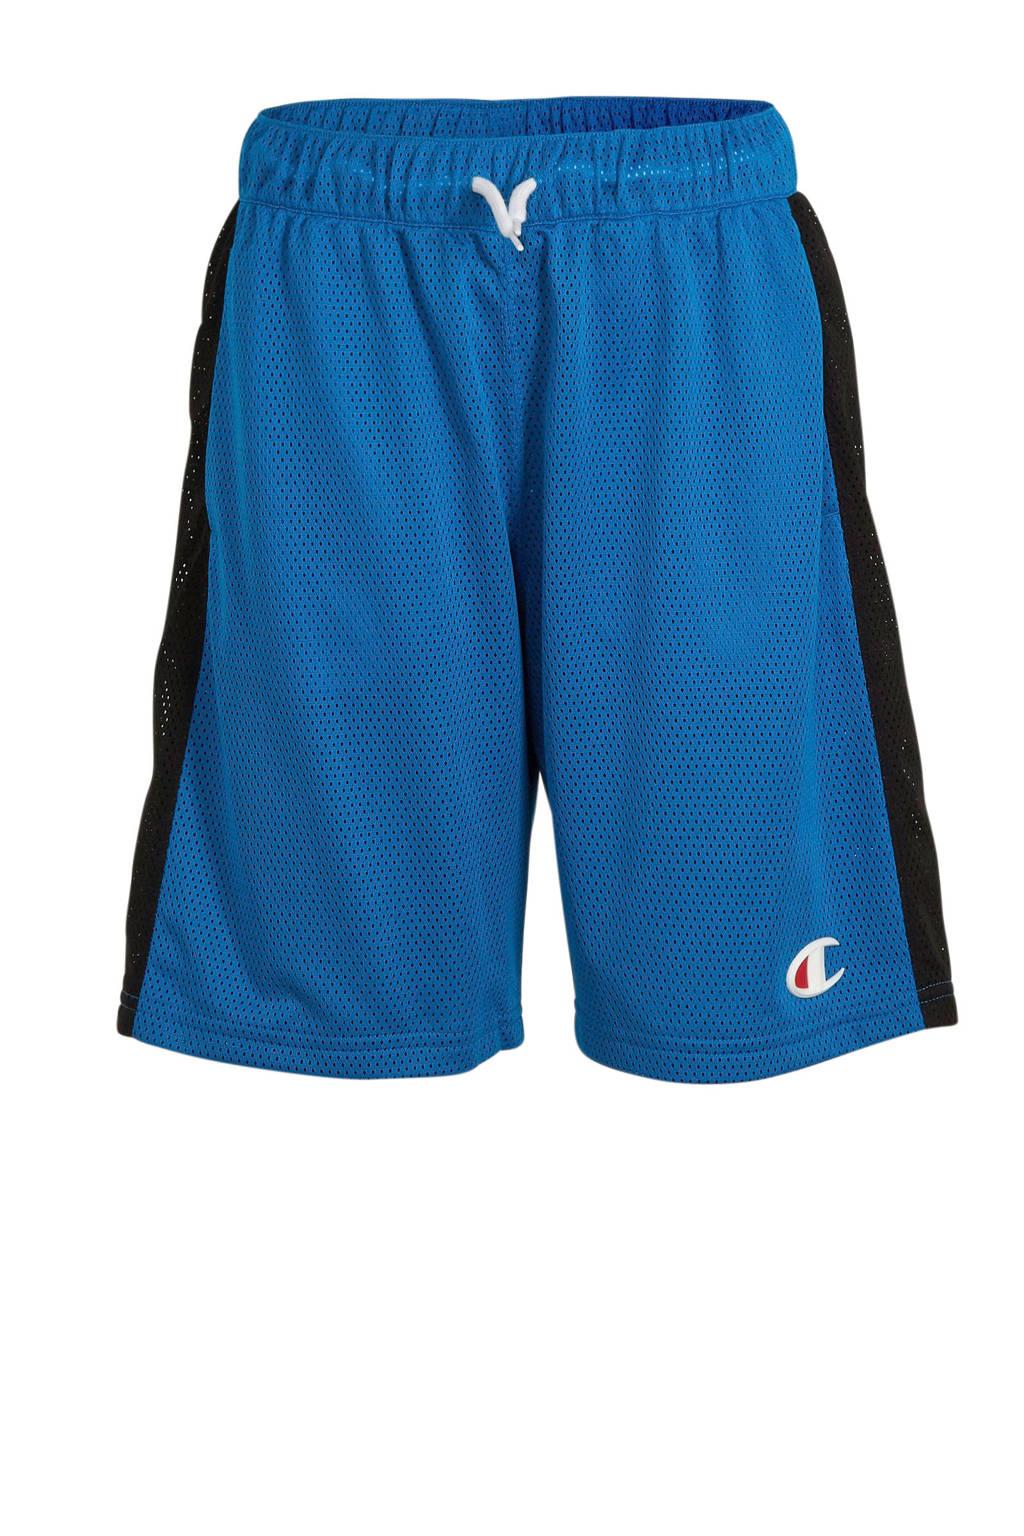 Champion short met logo blauw/zwart, Blauw/zwart